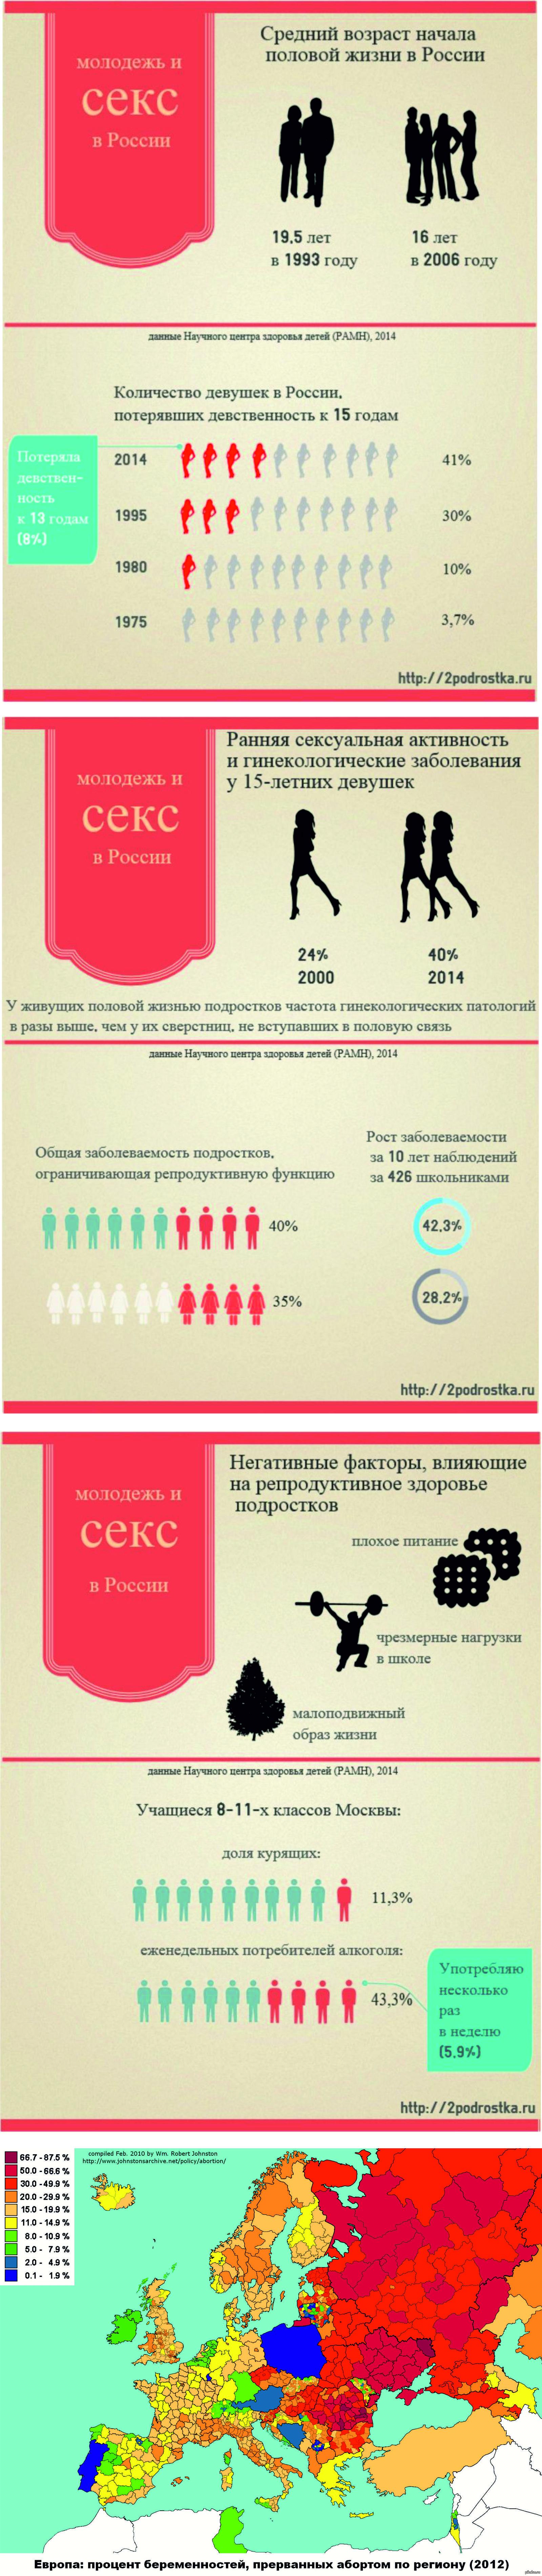 Девственность Статистика